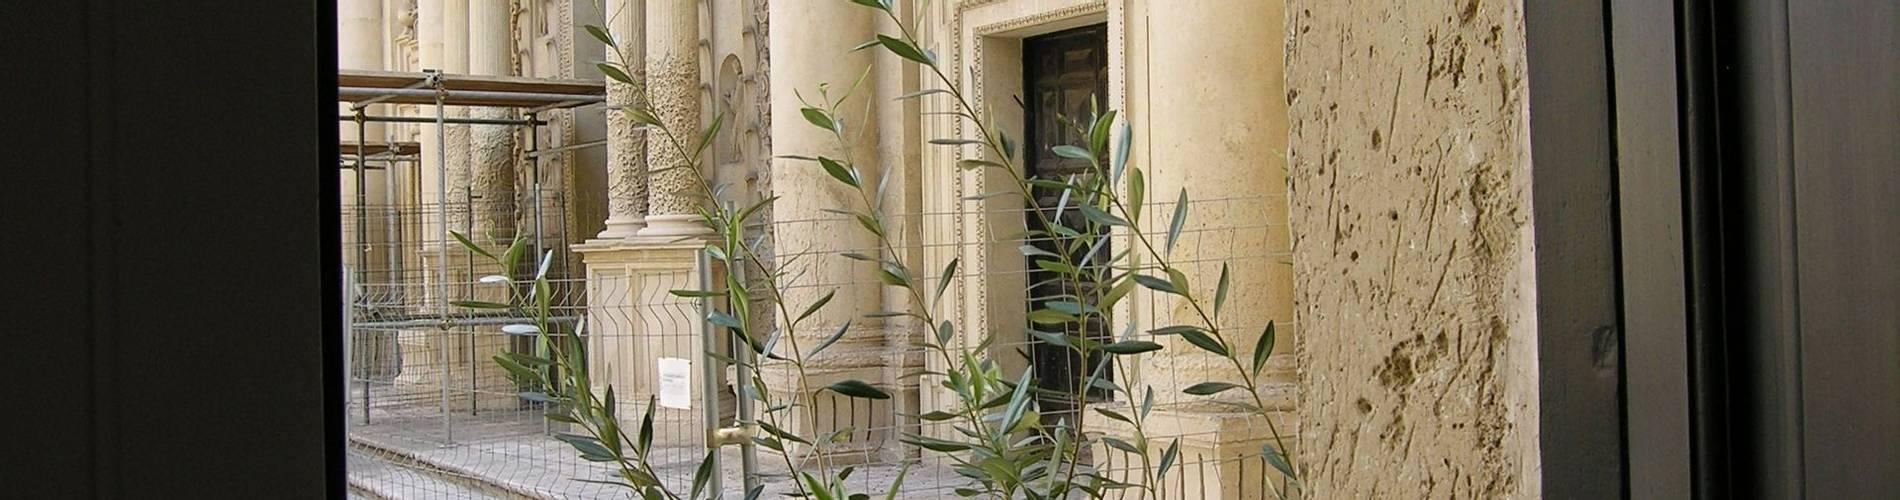 Palazzo Persone, Puglia, Italy (2).jpg